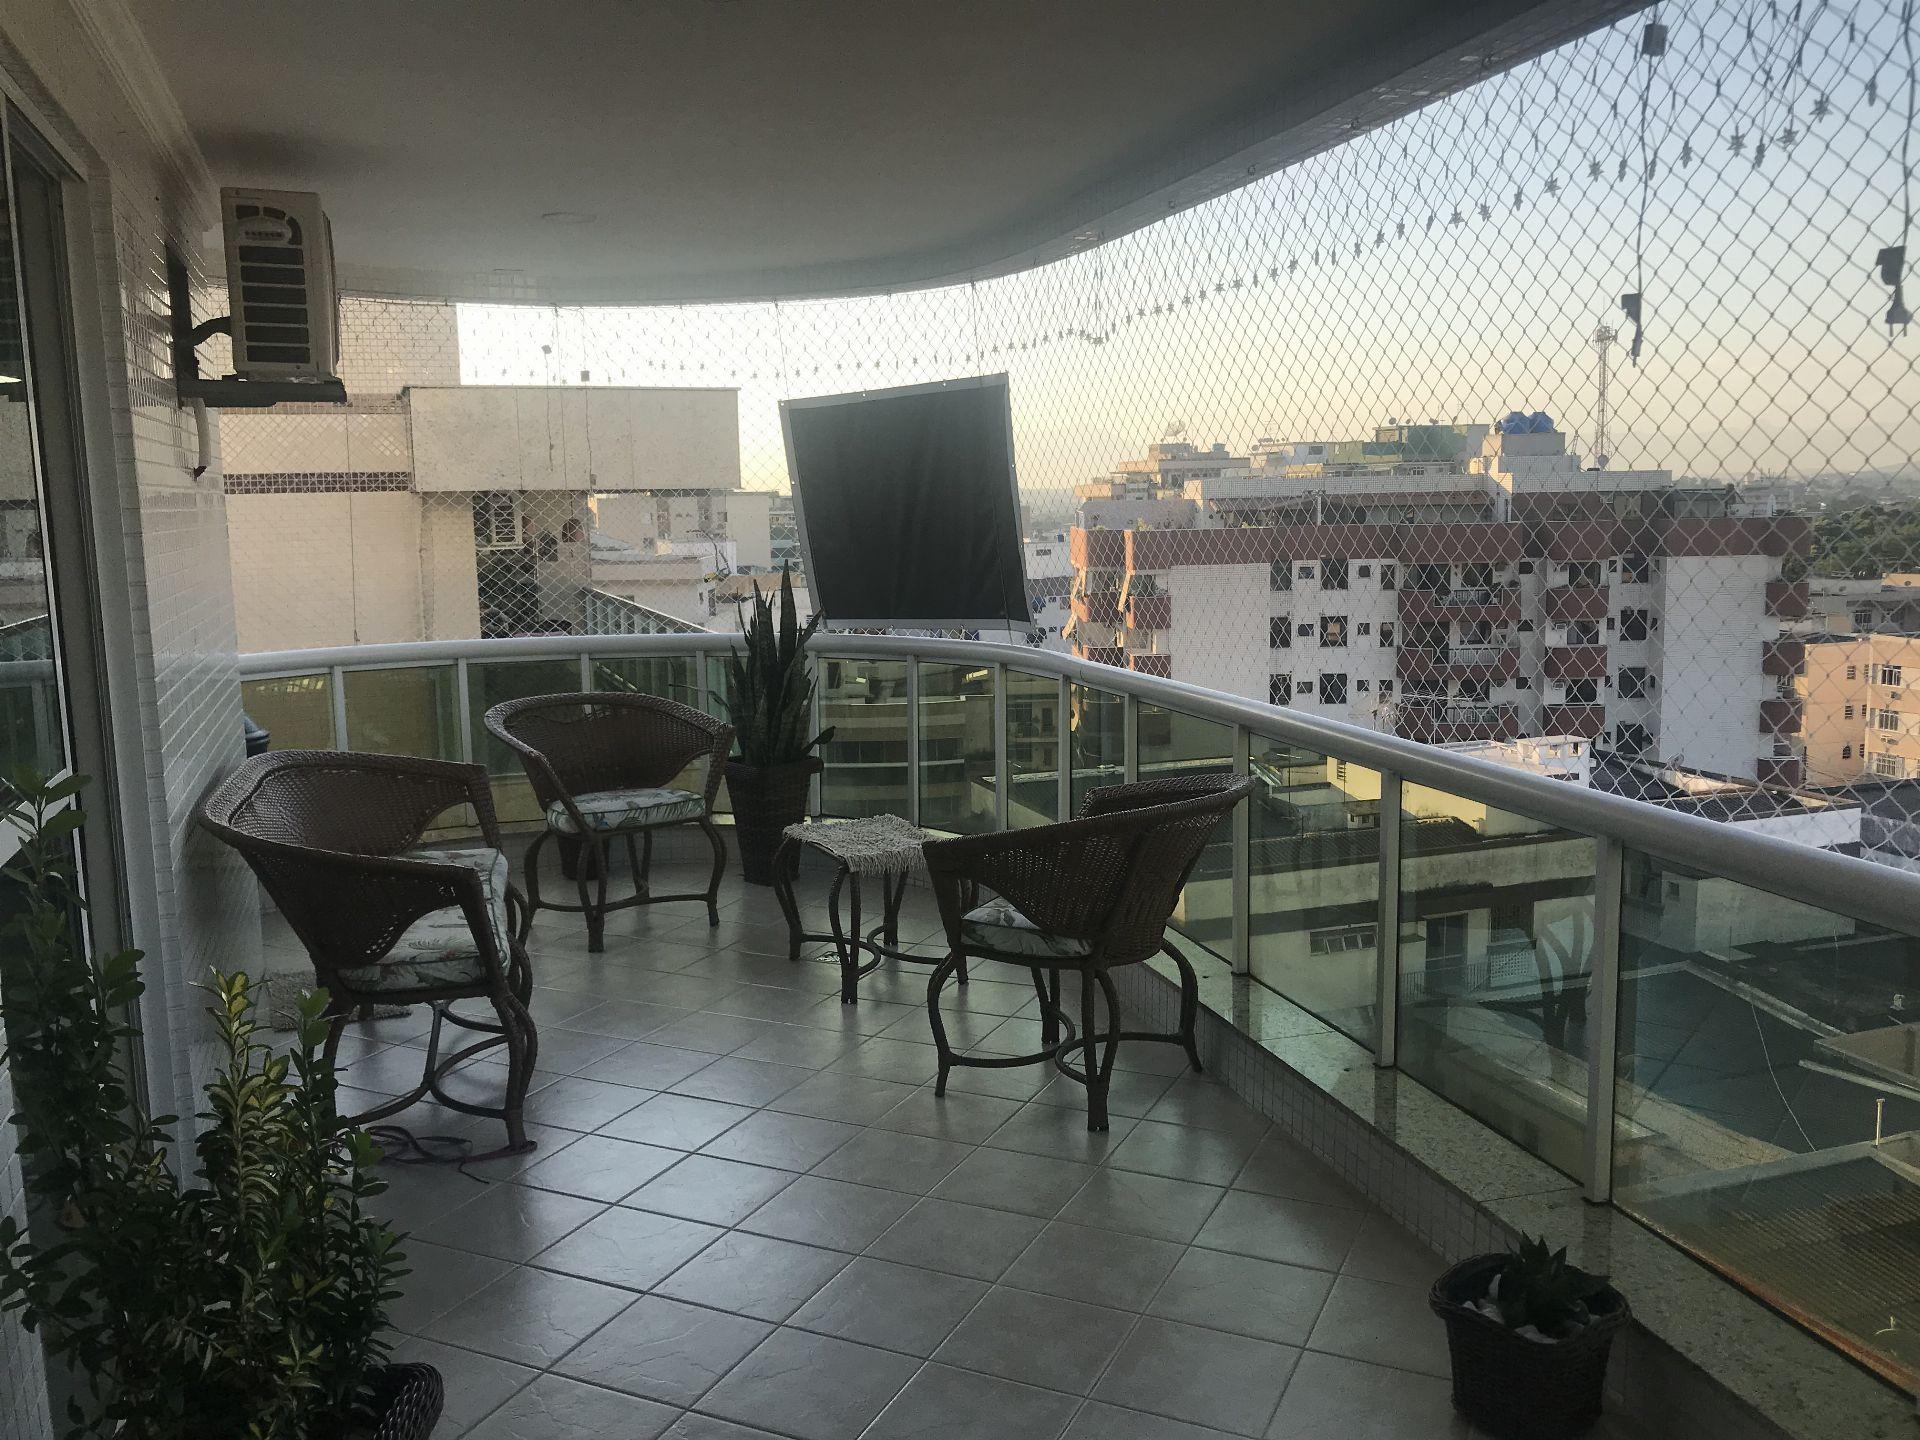 FOTO 20 - Apartamento à venda Rua Rosário Oeste,Vila Valqueire, Rio de Janeiro - R$ 990.000 - RF133 - 21